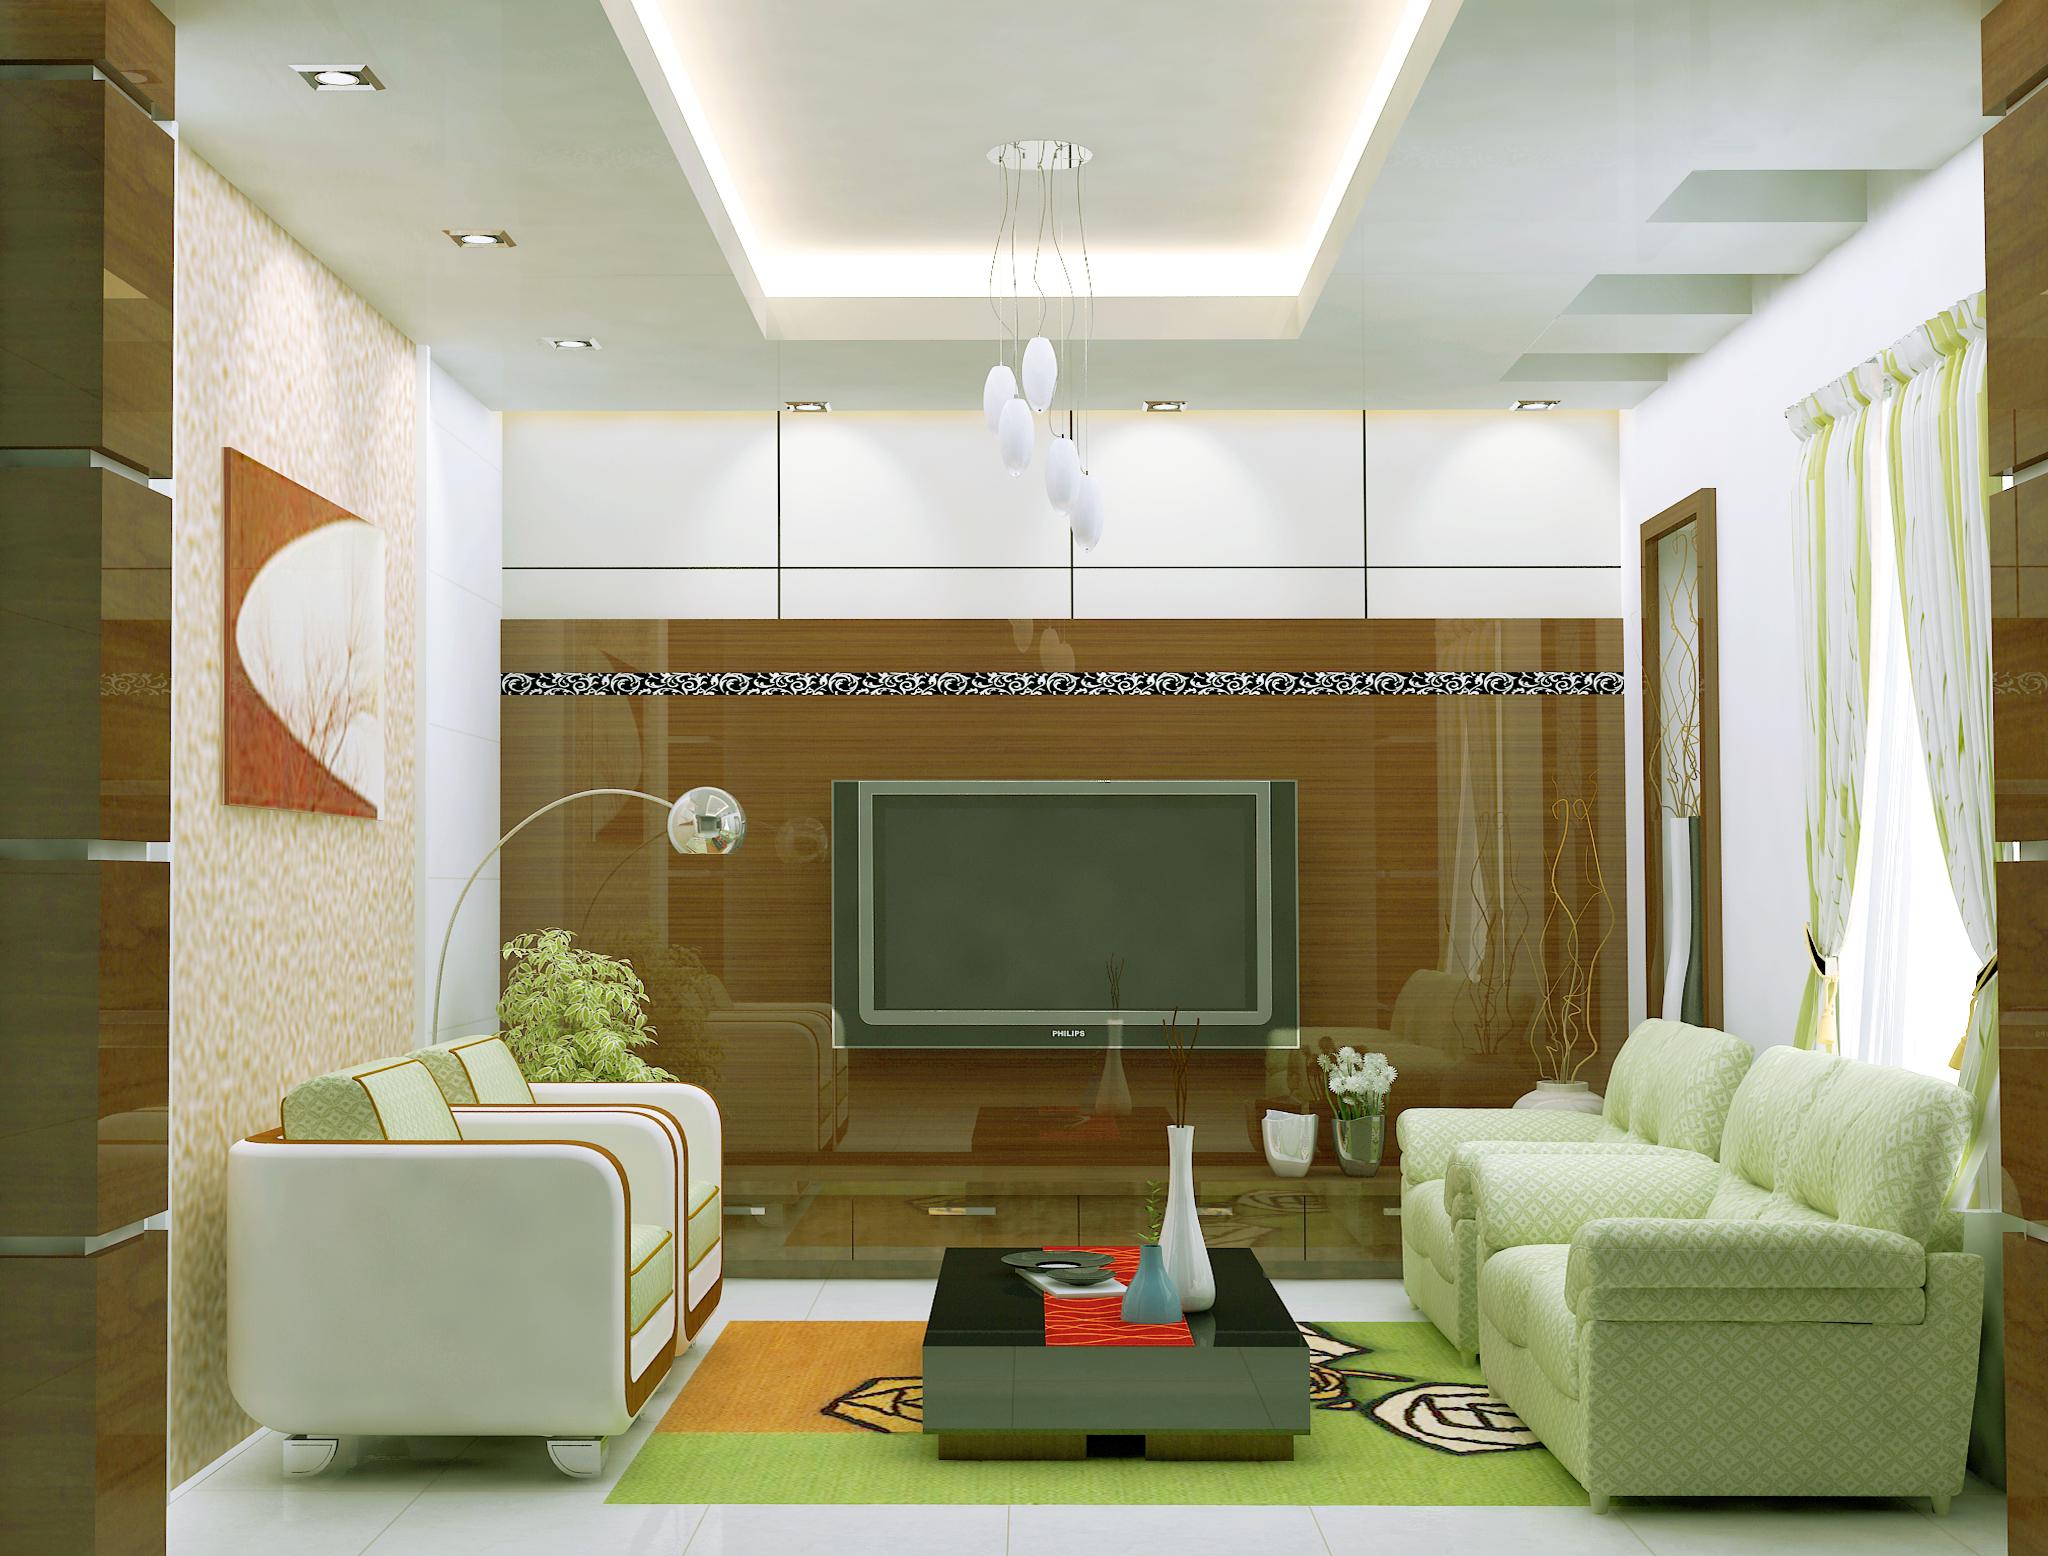 house-interior-design-ideas-with-home-interior-design-ideas-home-decor-2048x1556